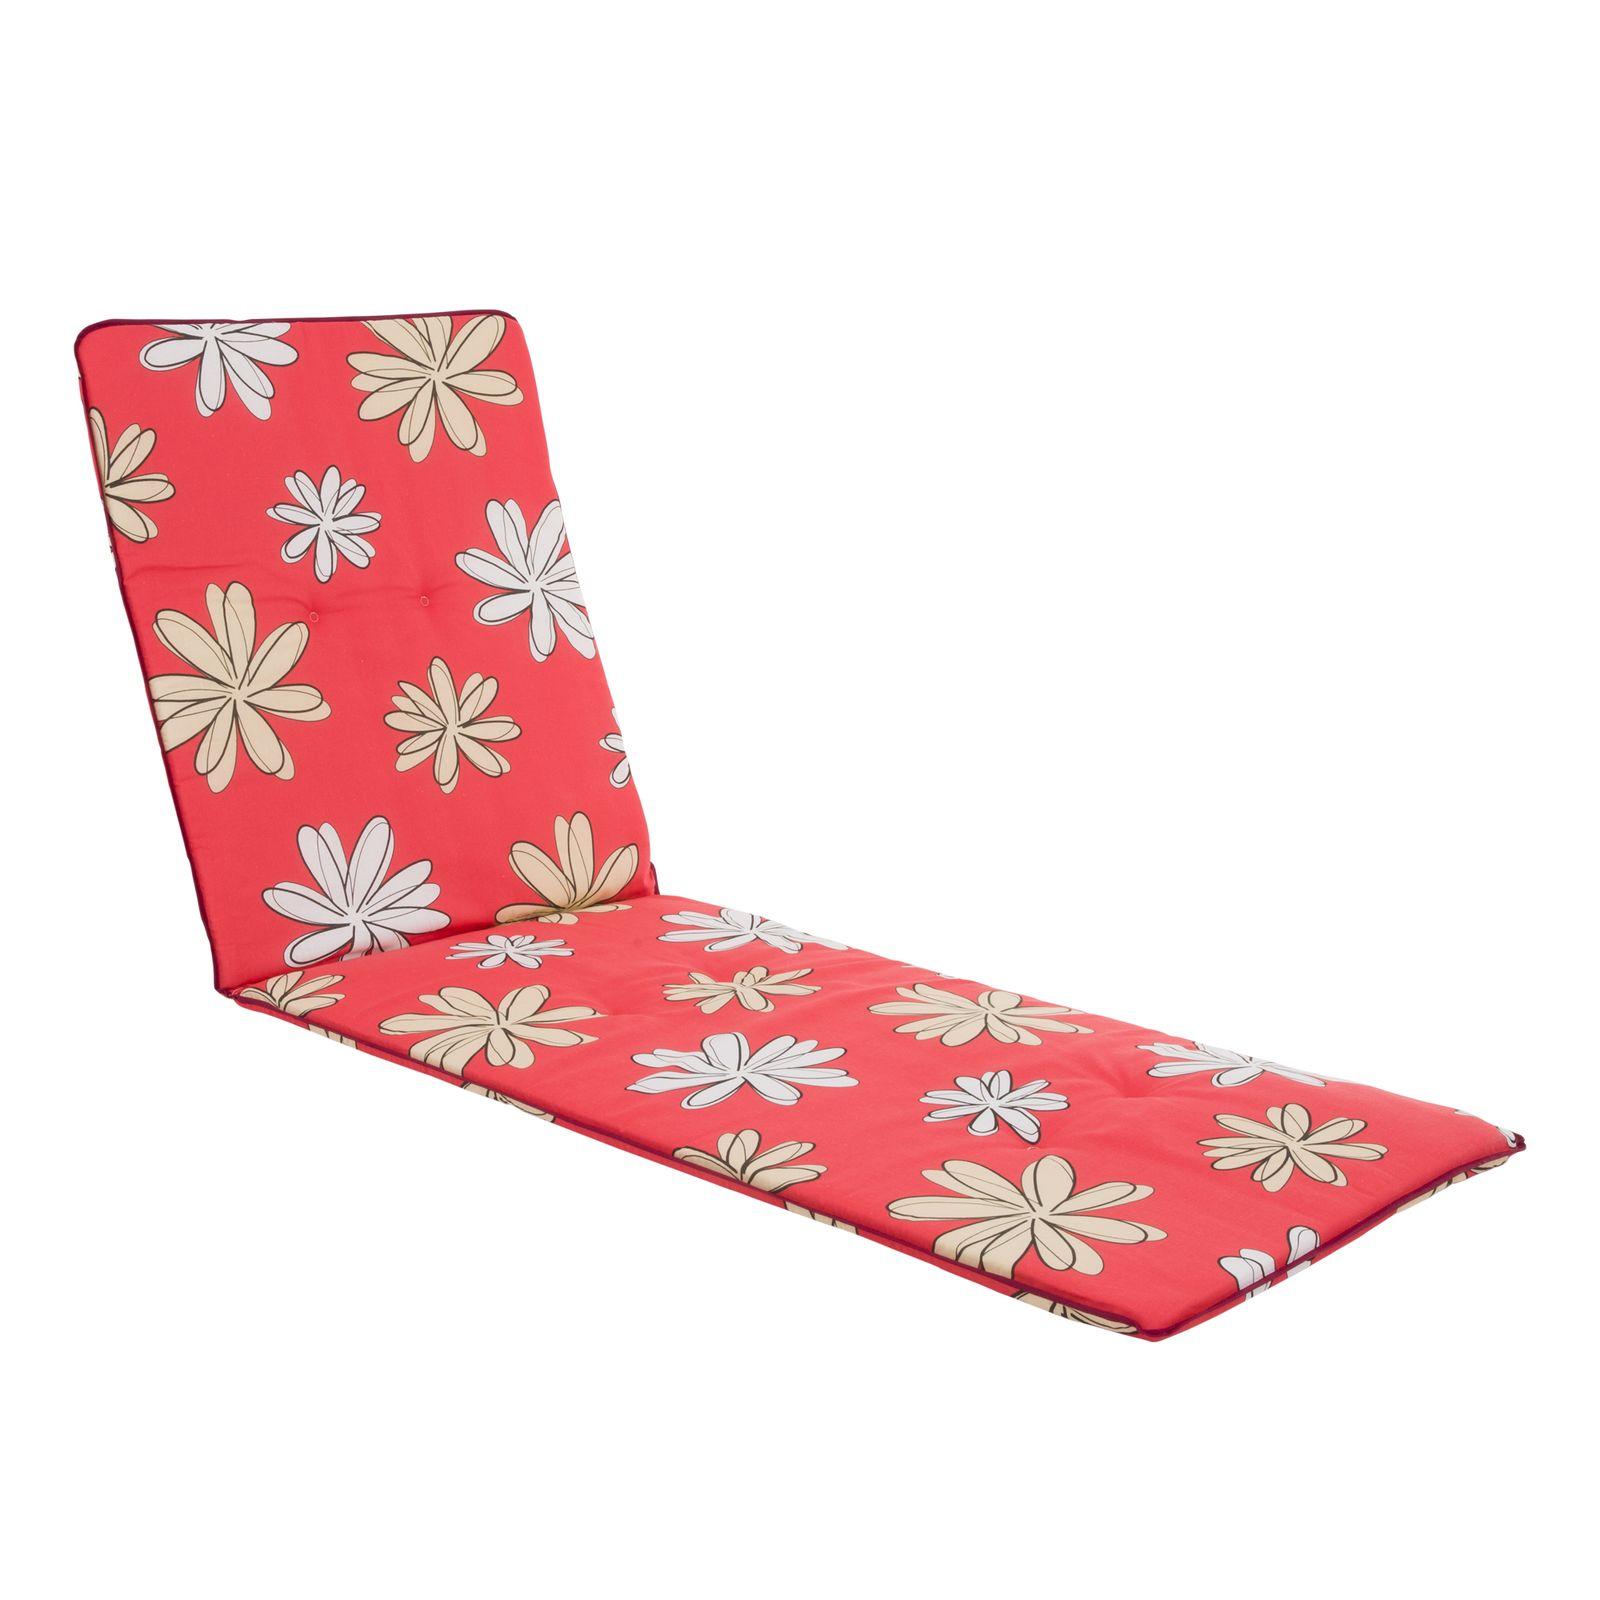 Poduszka na leżak / łóżko Mona Liege 4 cm A018-03BB PATIO